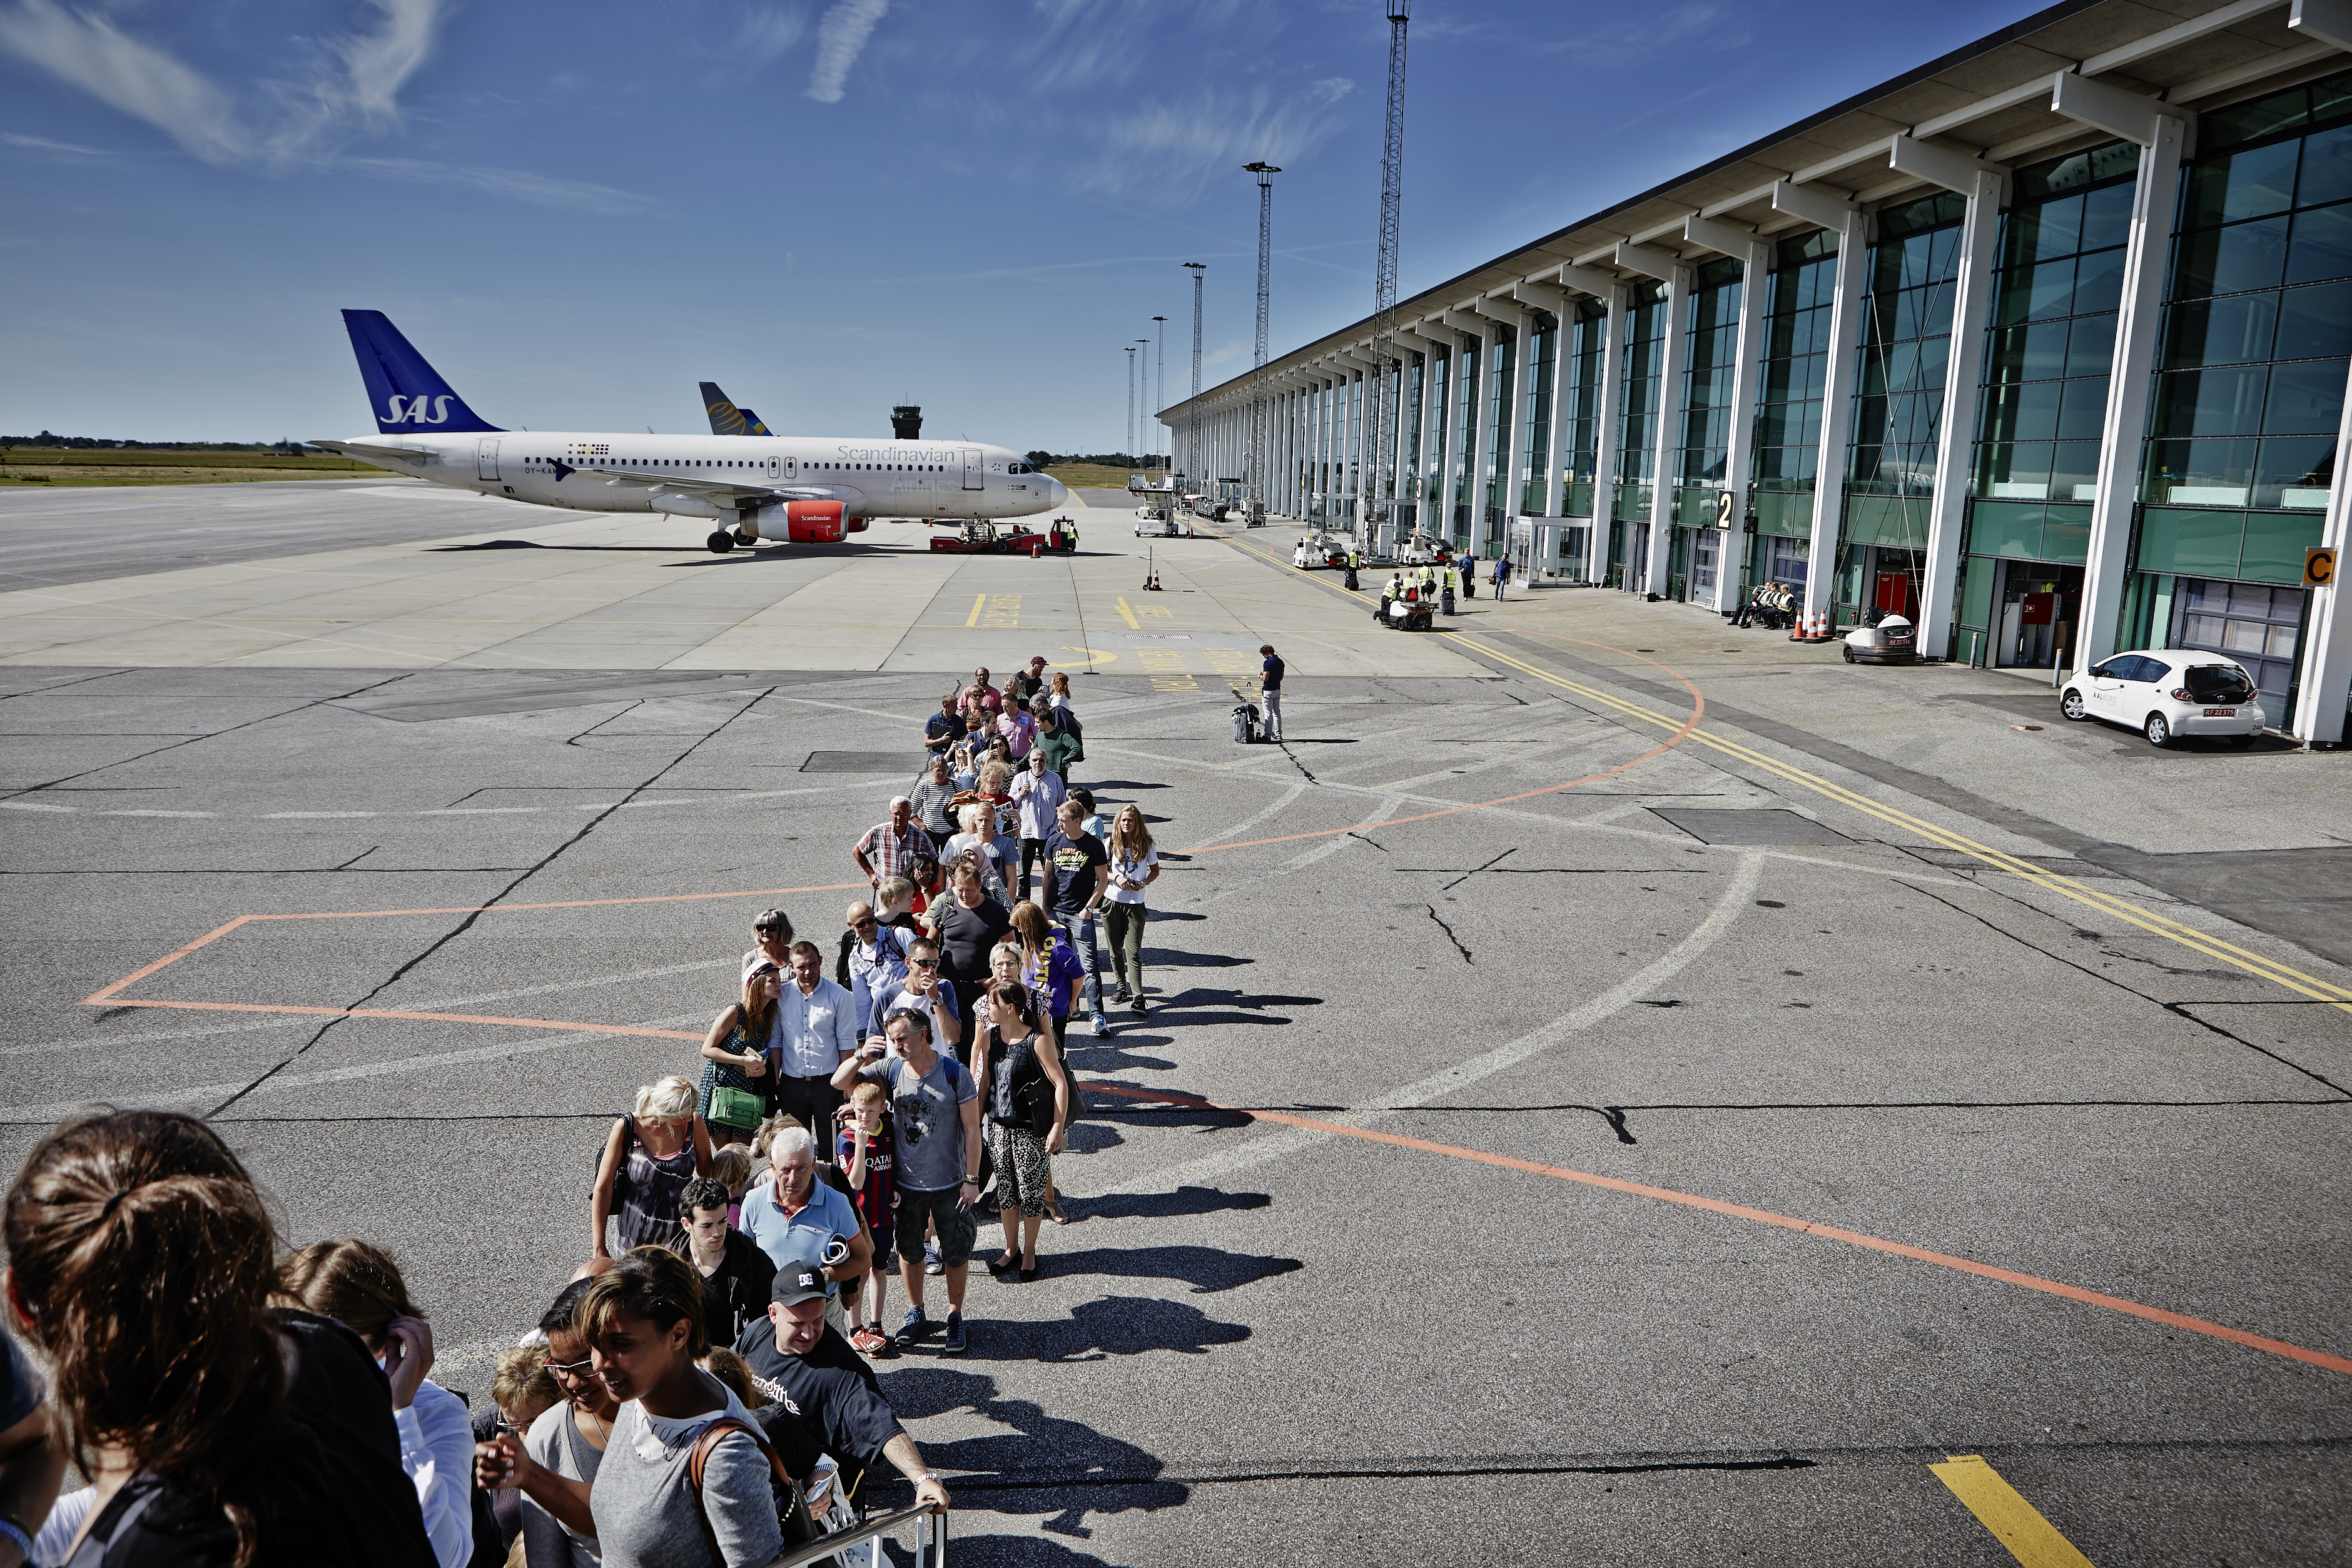 Boarding i Aalborg Lufthavn